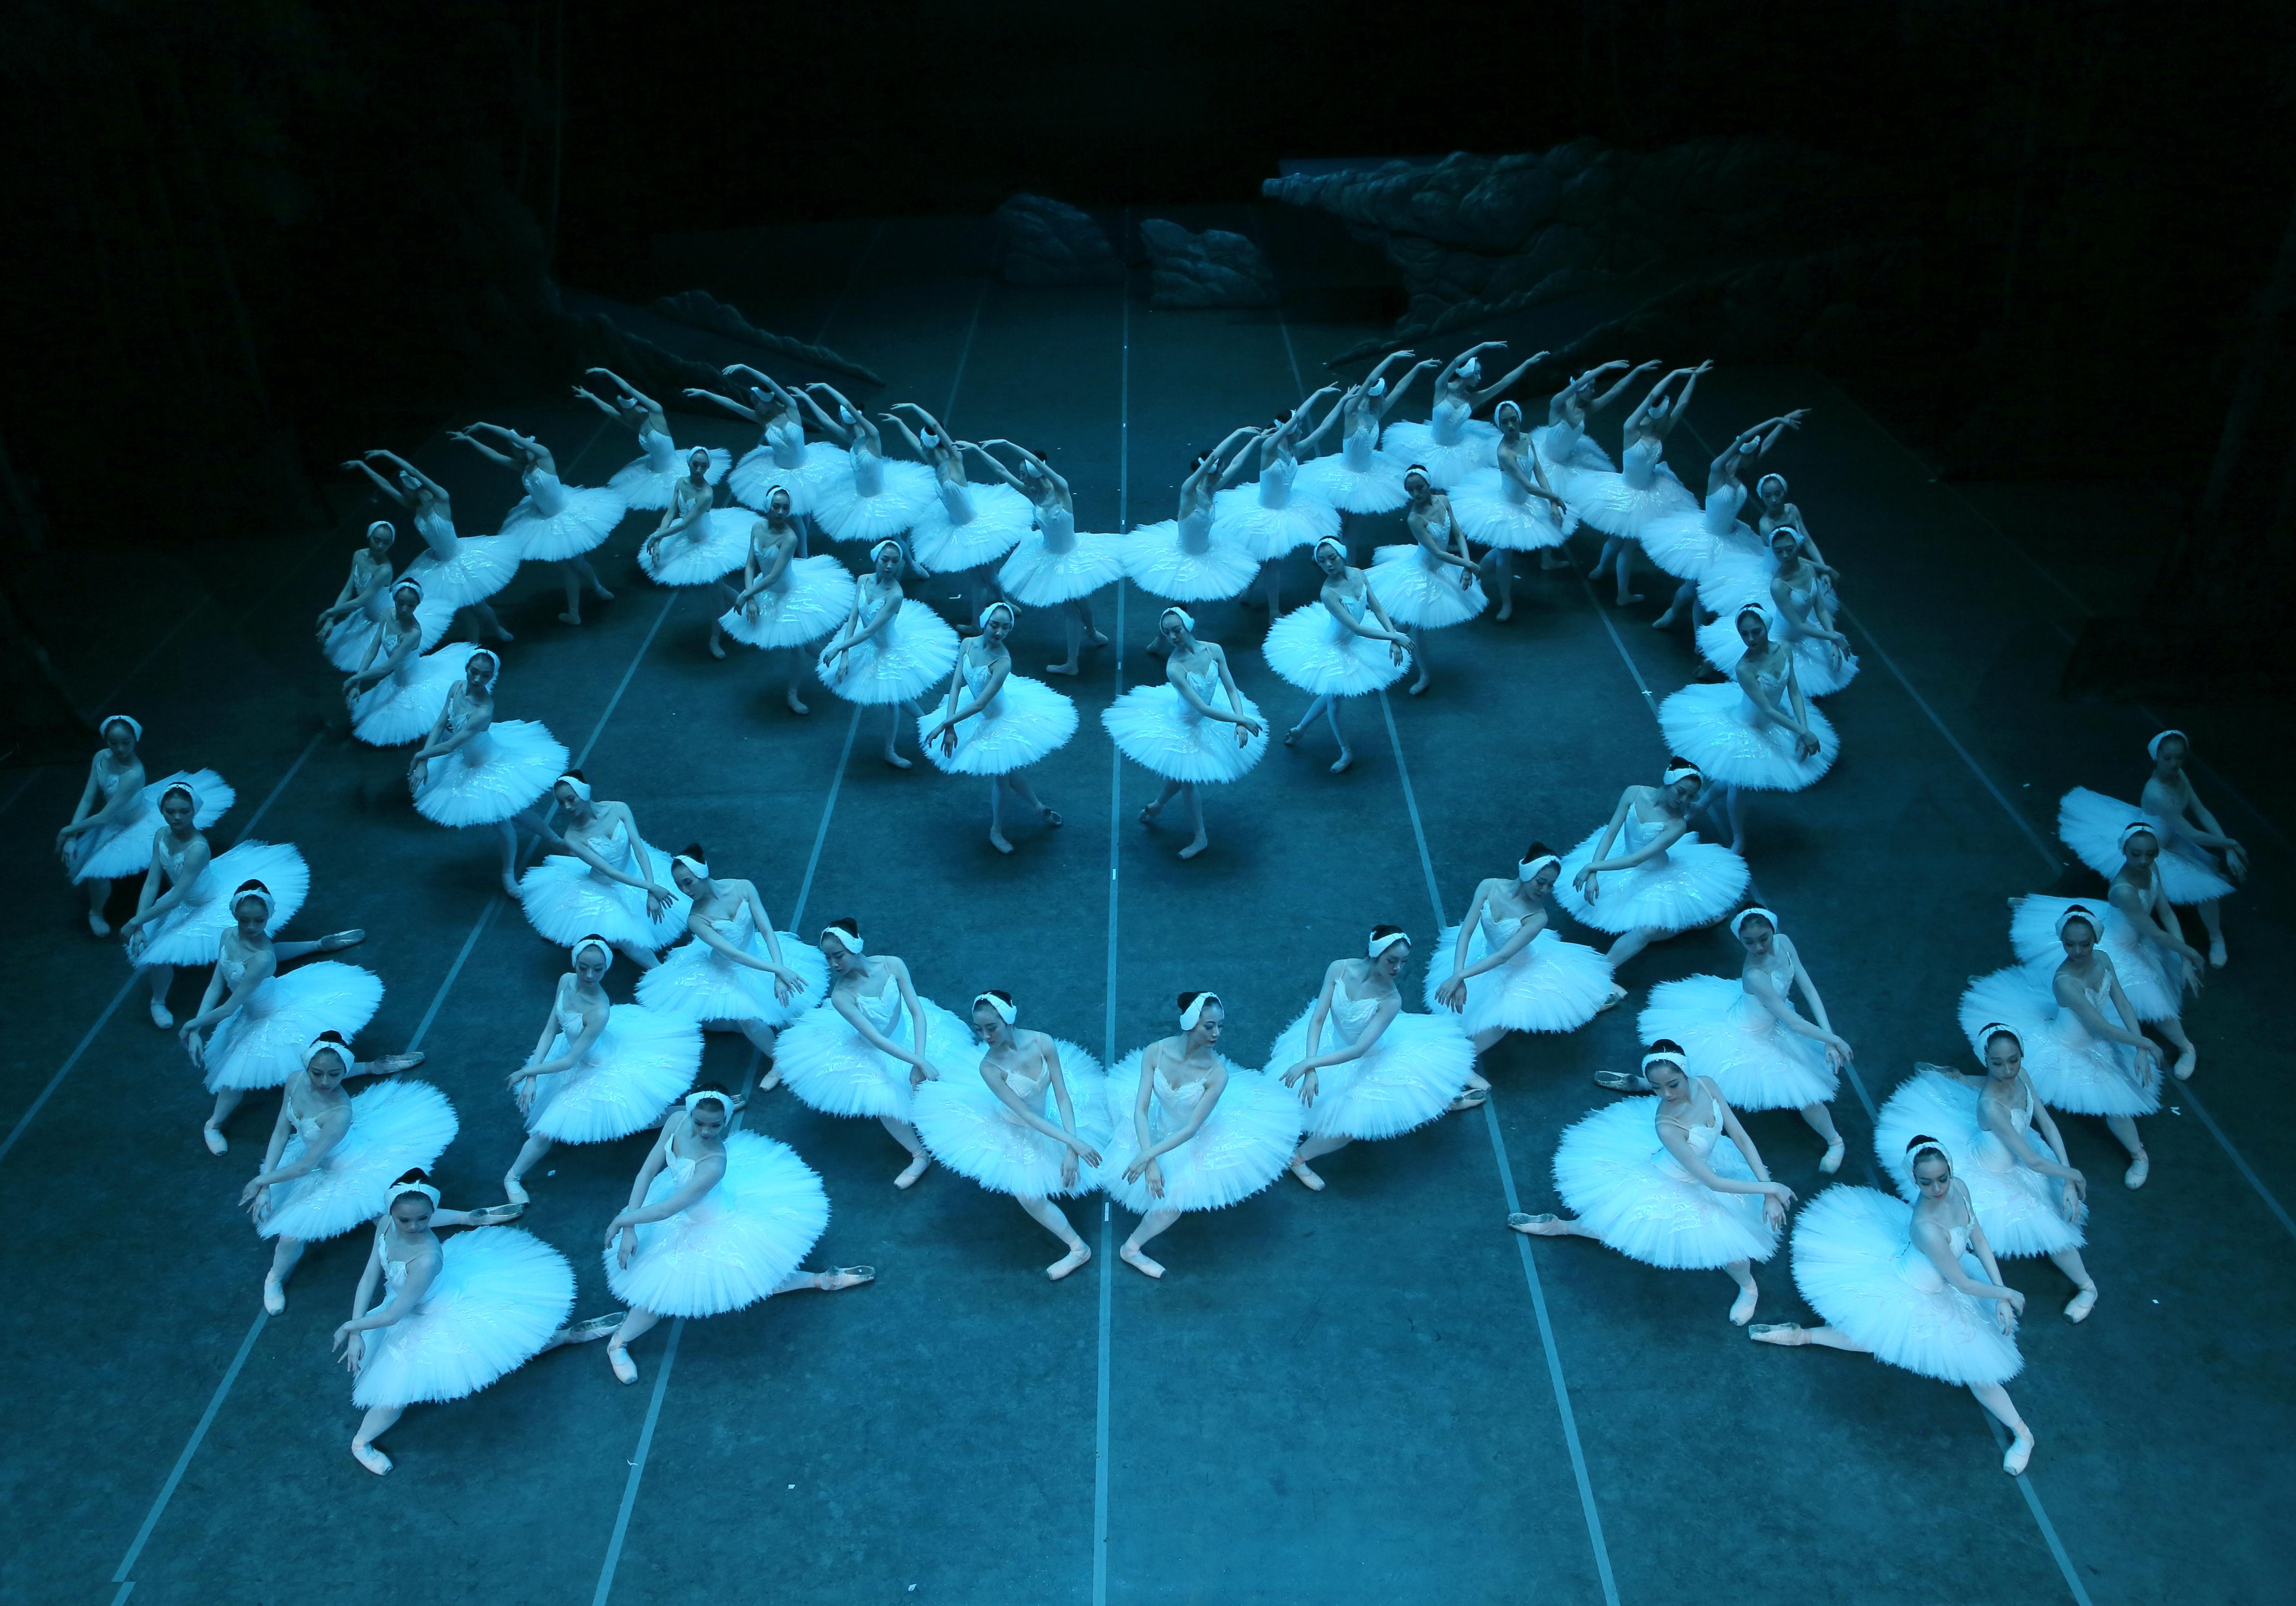 群鵝行雲流水般的隊形變化,近乎苛刻的編排與設計,群舞在速度與節奏上都做出美的呈現,並讓陪襯的天鵝群舞在古典芭蕾《天鵝湖》中成為氣勢磅礡的「吸晴亮點」。圖:上海芭蕾舞團/提供